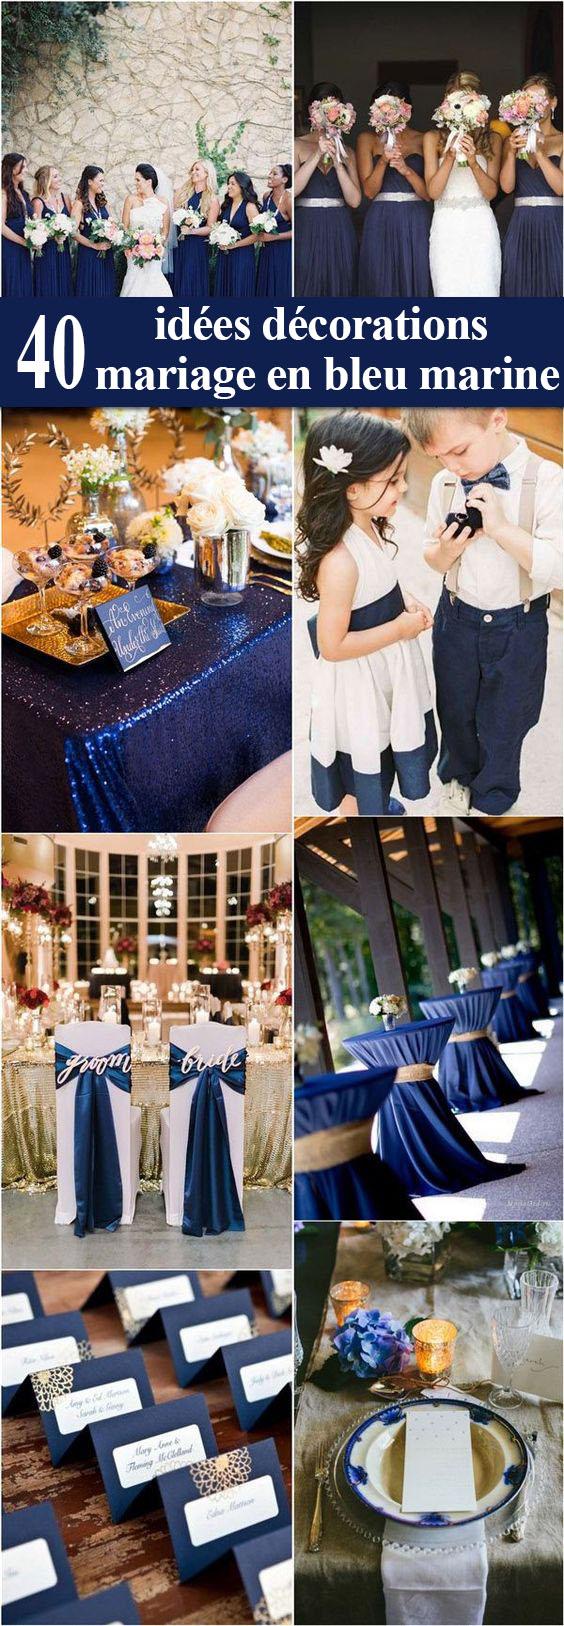 10 Decorations De Mariage En Bleu Marine